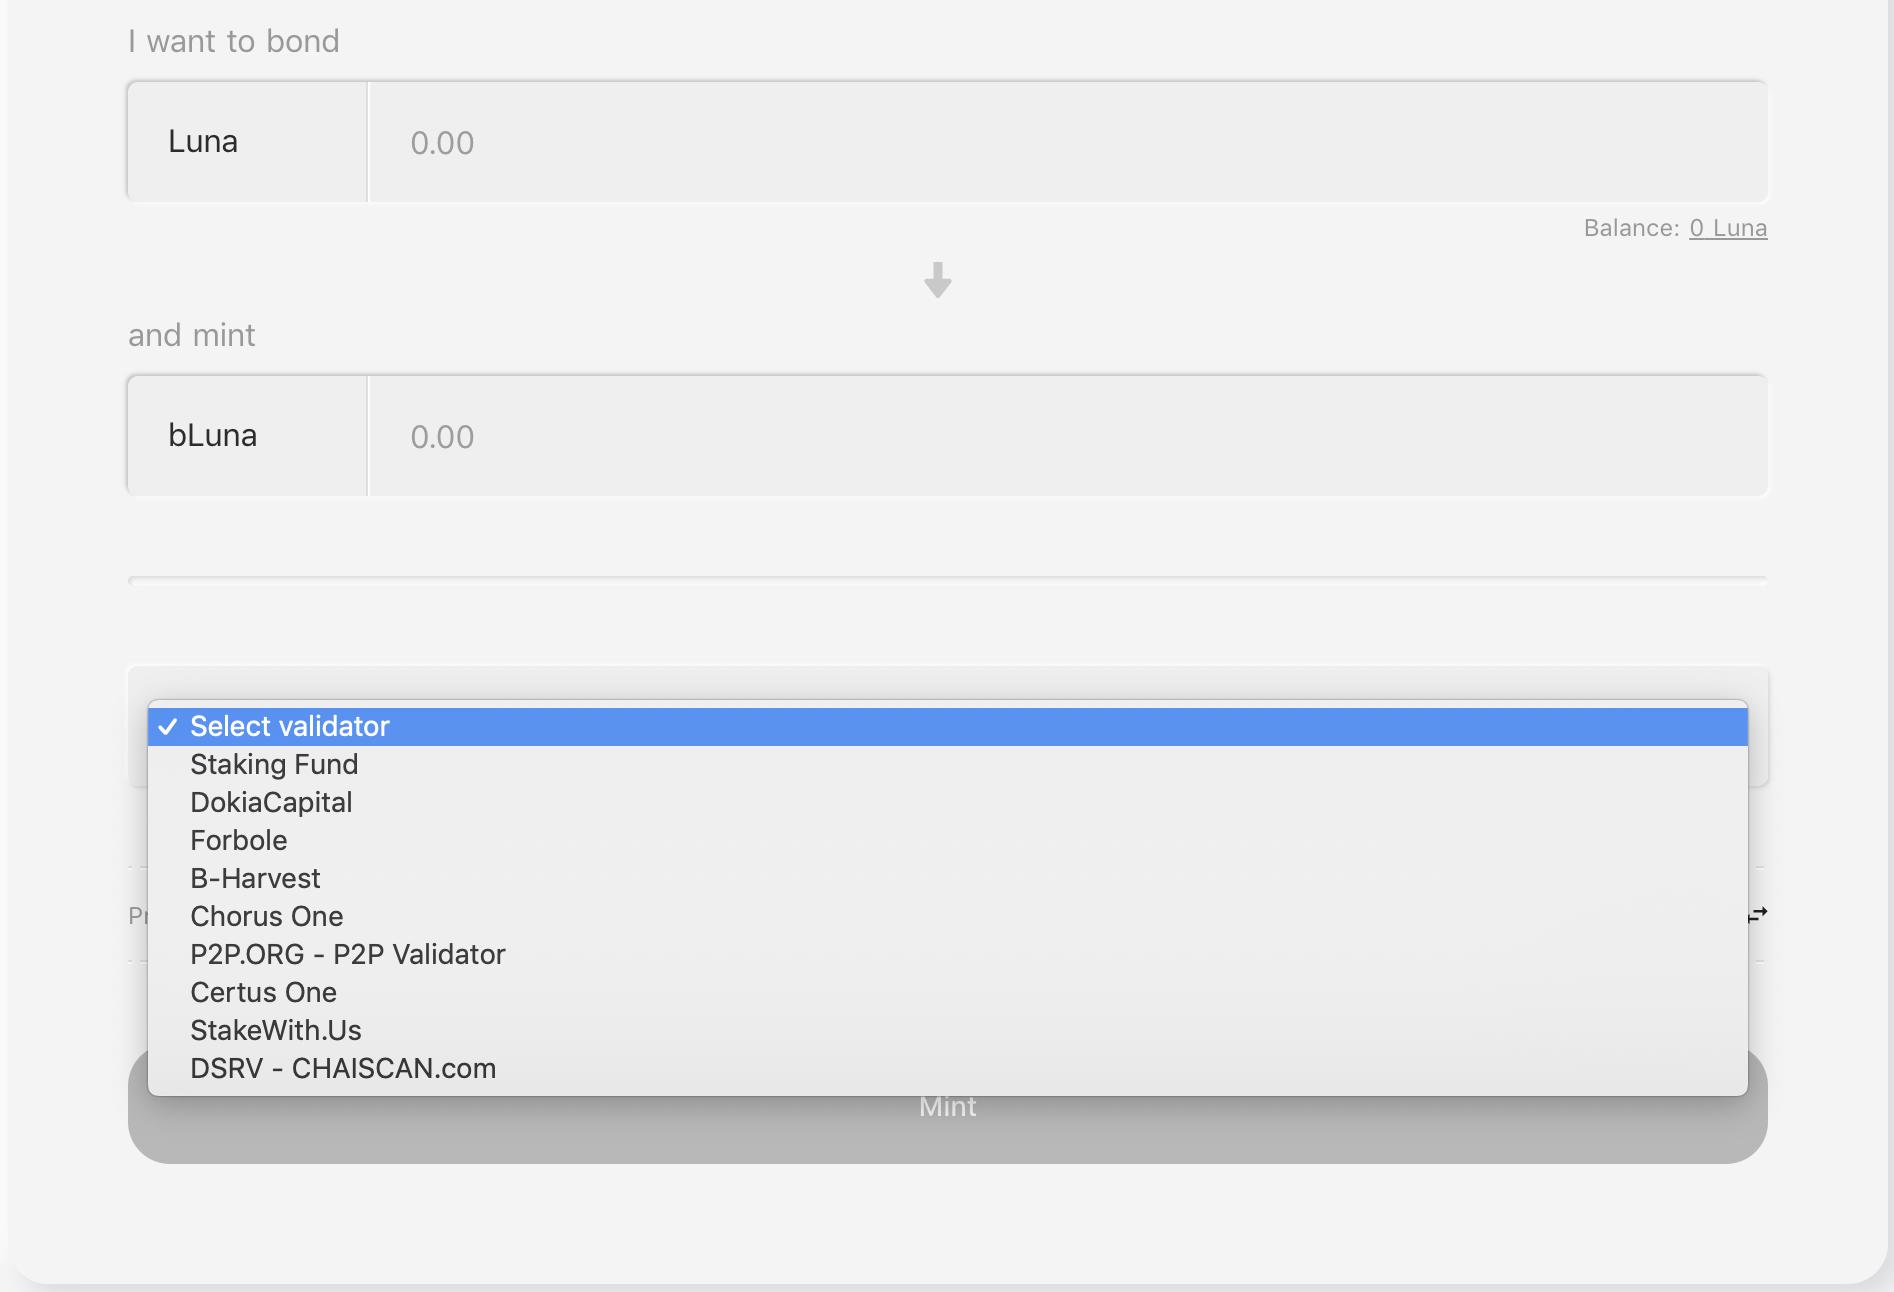 Screenshot_2021-03-17_at_14.45.27.png